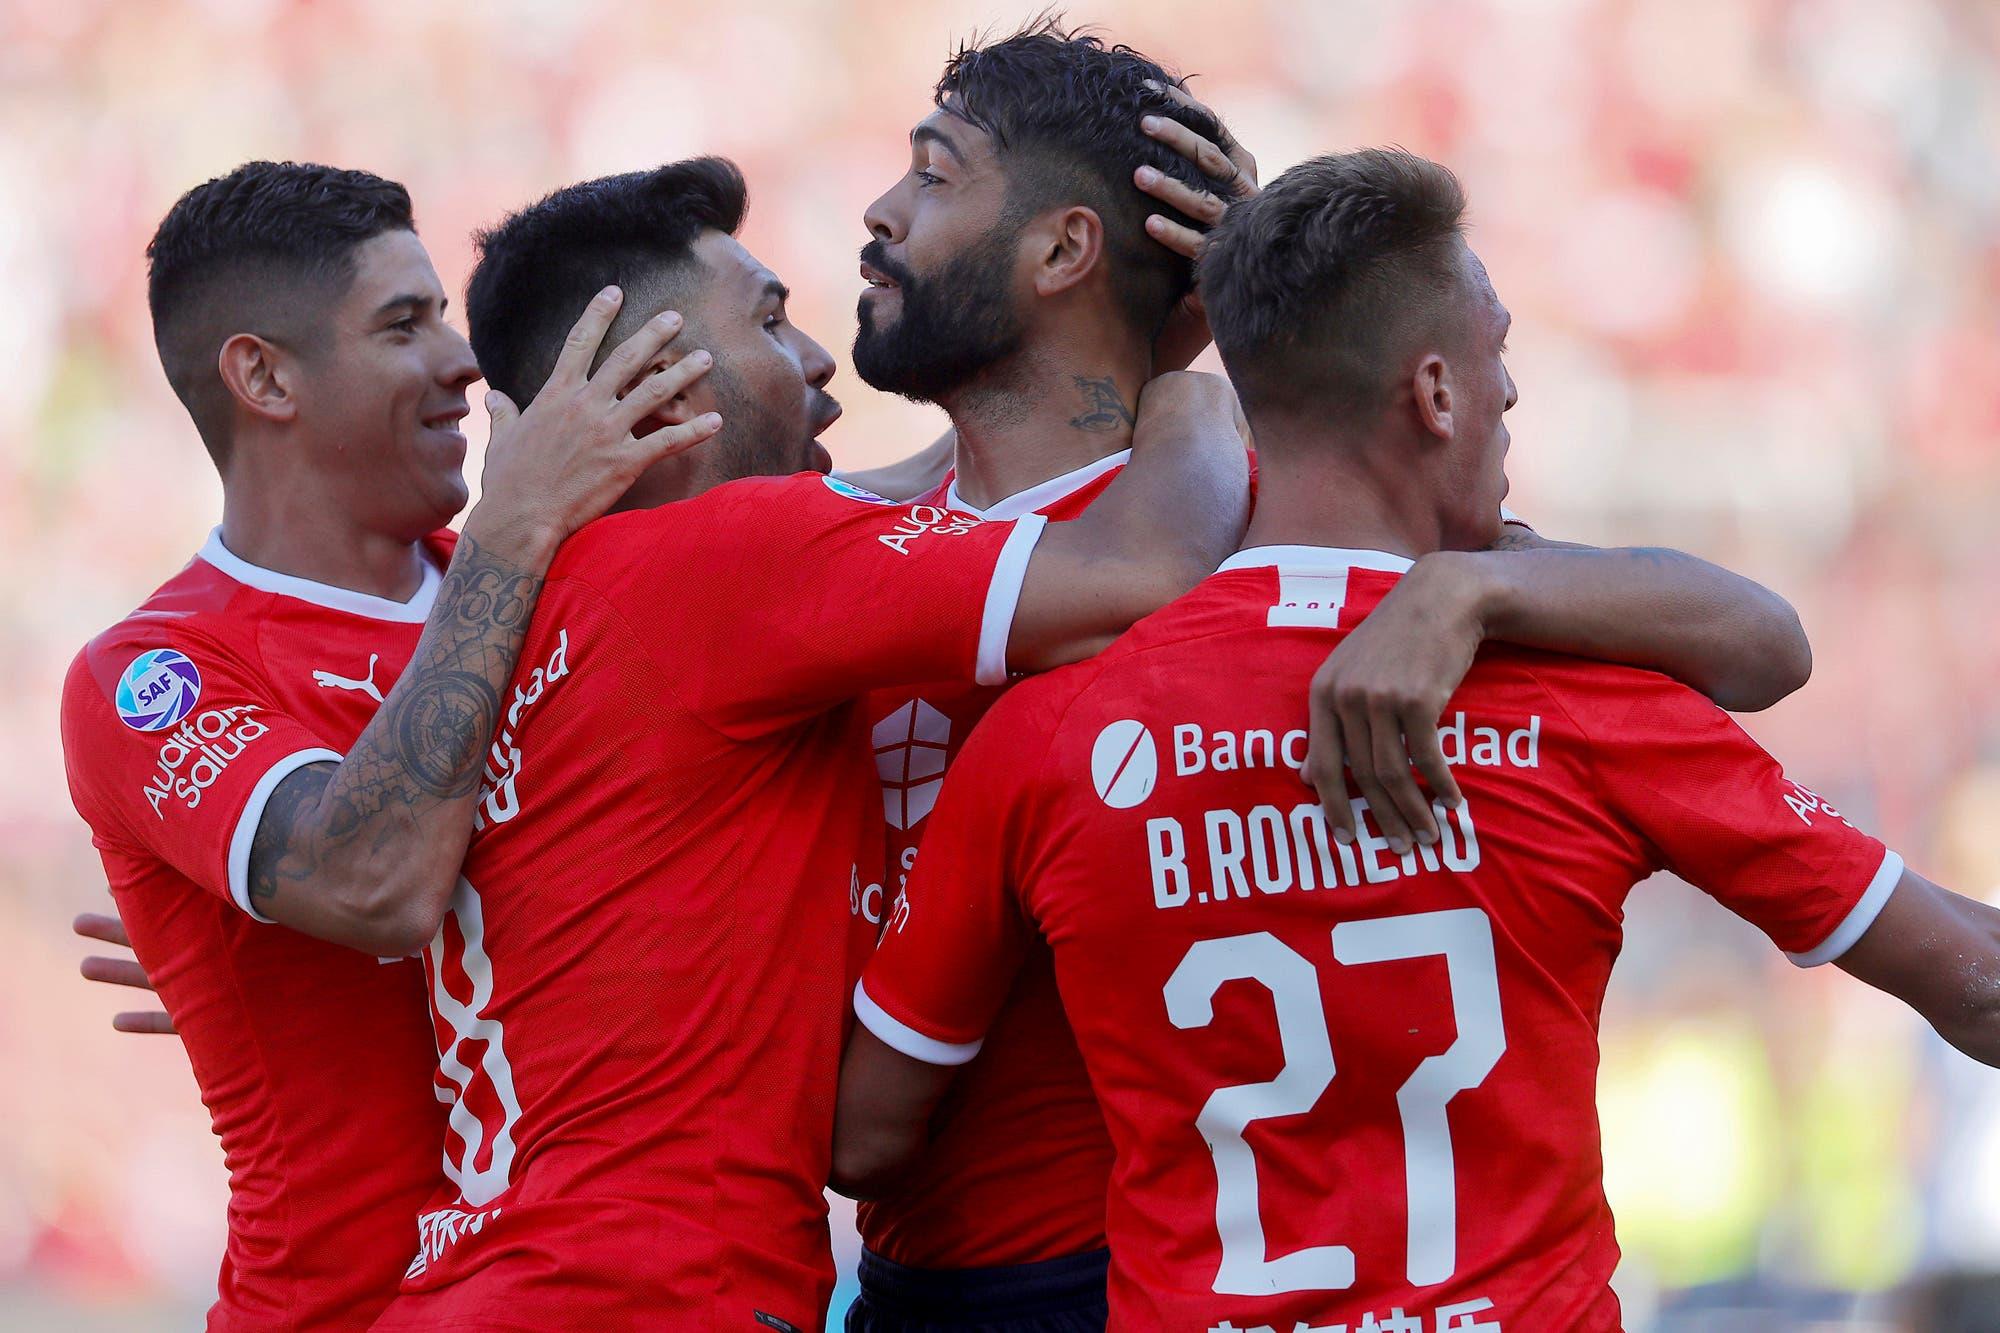 El primer triunfo de Independiente con Pusineri como DT: goleó 5-0 a Rosario Central con un fútbol de alto vuelo